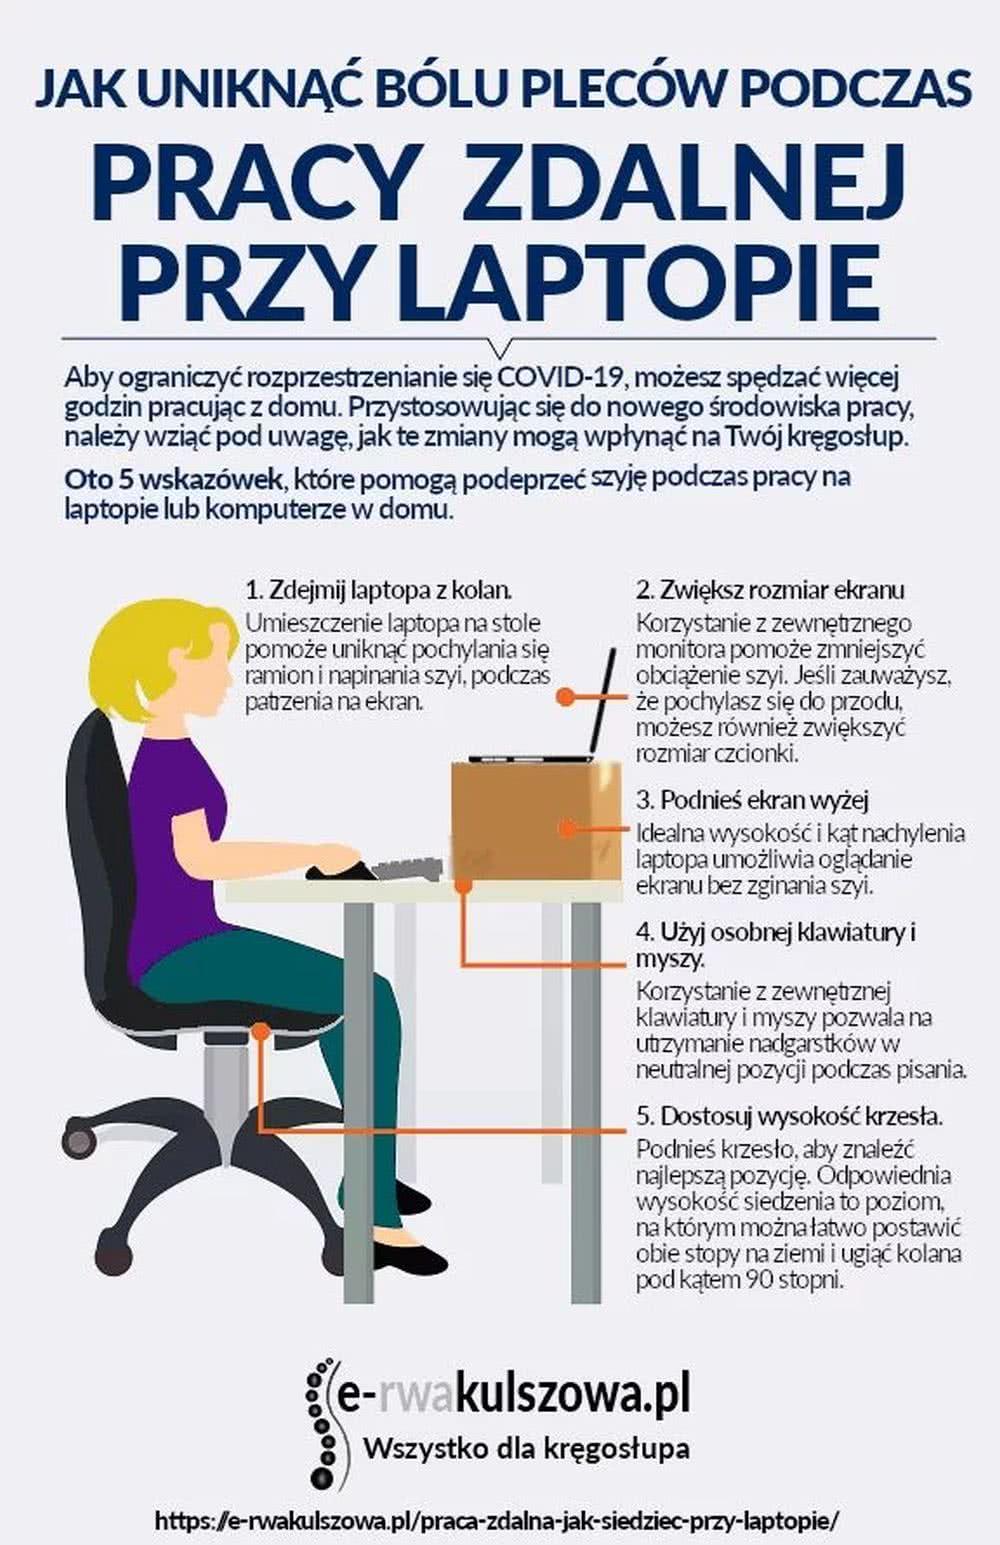 Jak unikać bólu kręgosłupa podczas pracy przykomputerze?